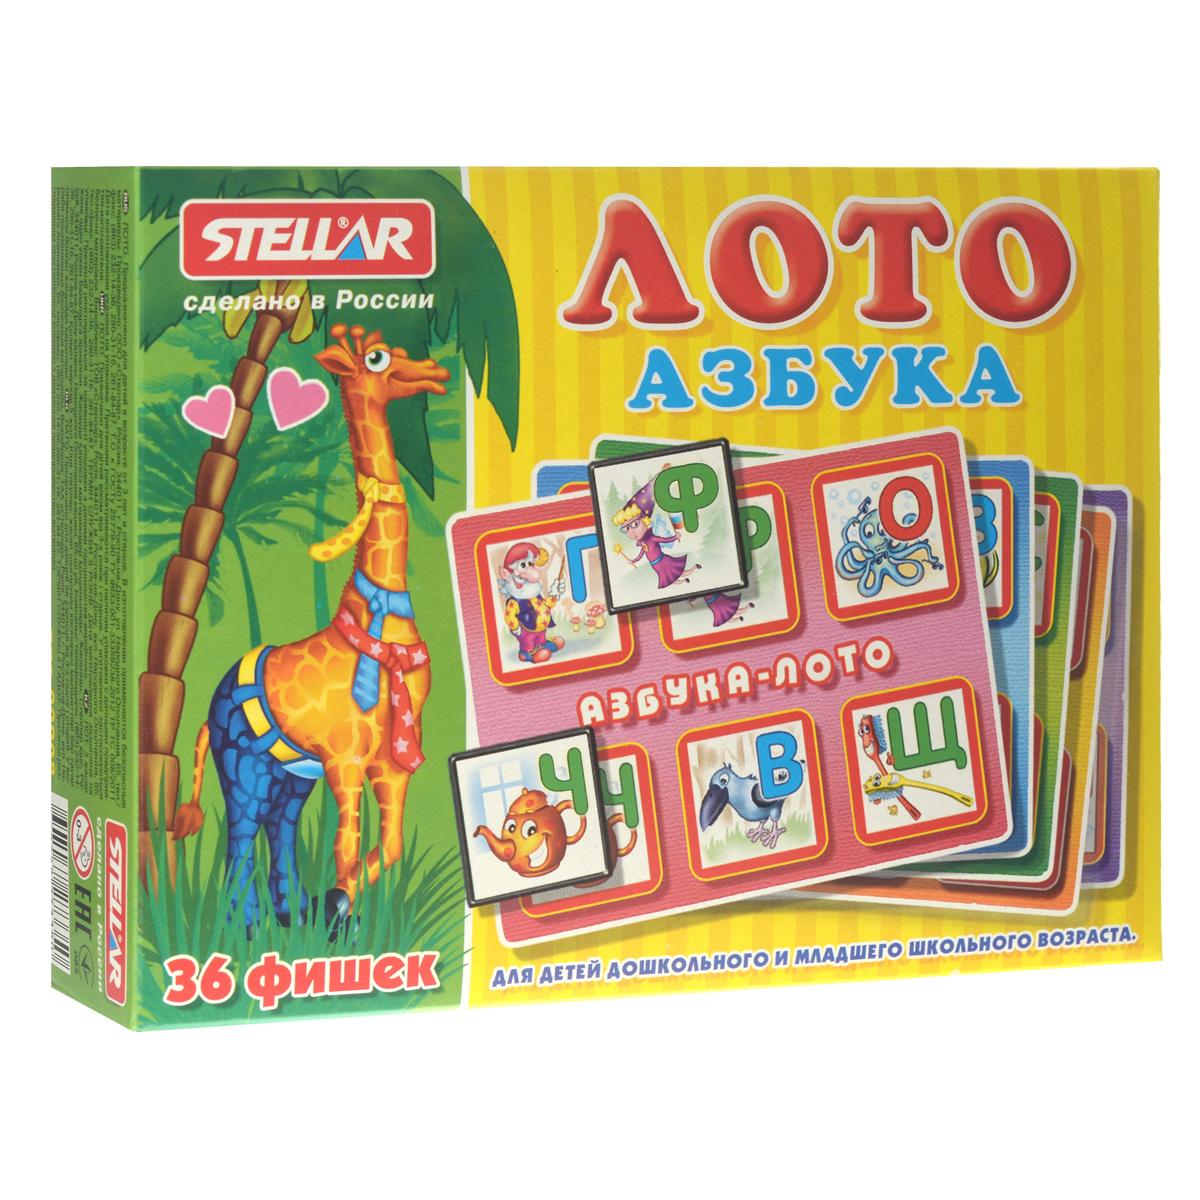 Stellar Лото Азбука настольные игры анданте развивающее лото герои сказок 36 деревянных фишек 6 карточек мешочек